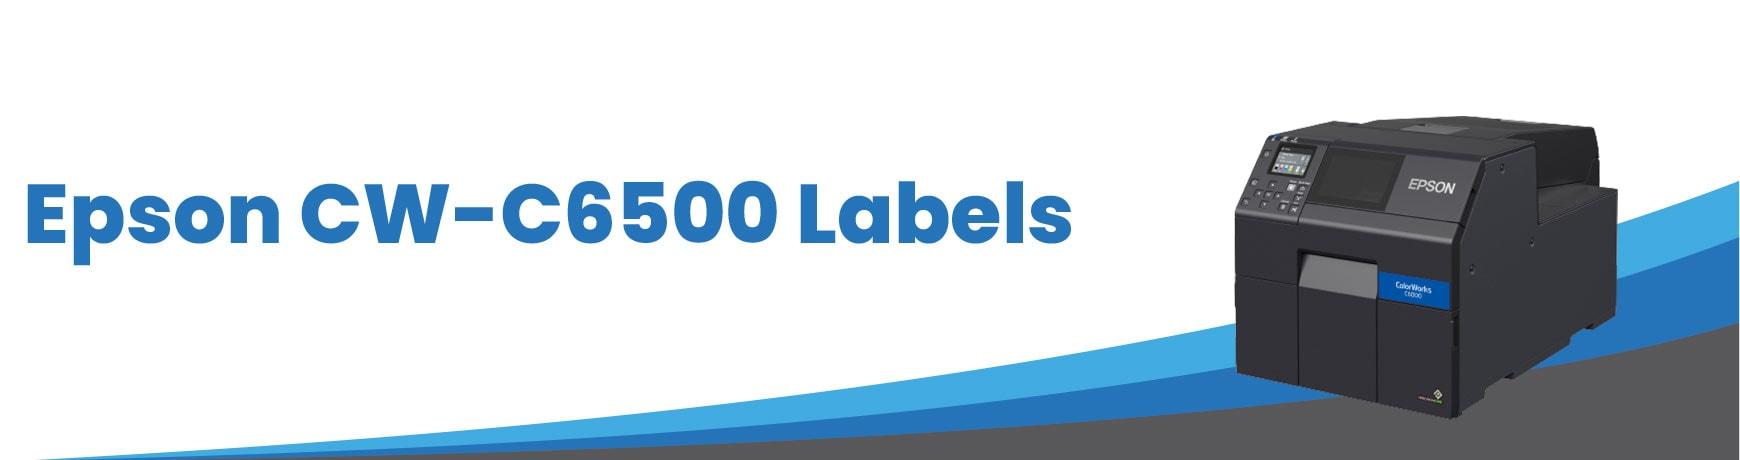 Epson CW-C6500 Labels